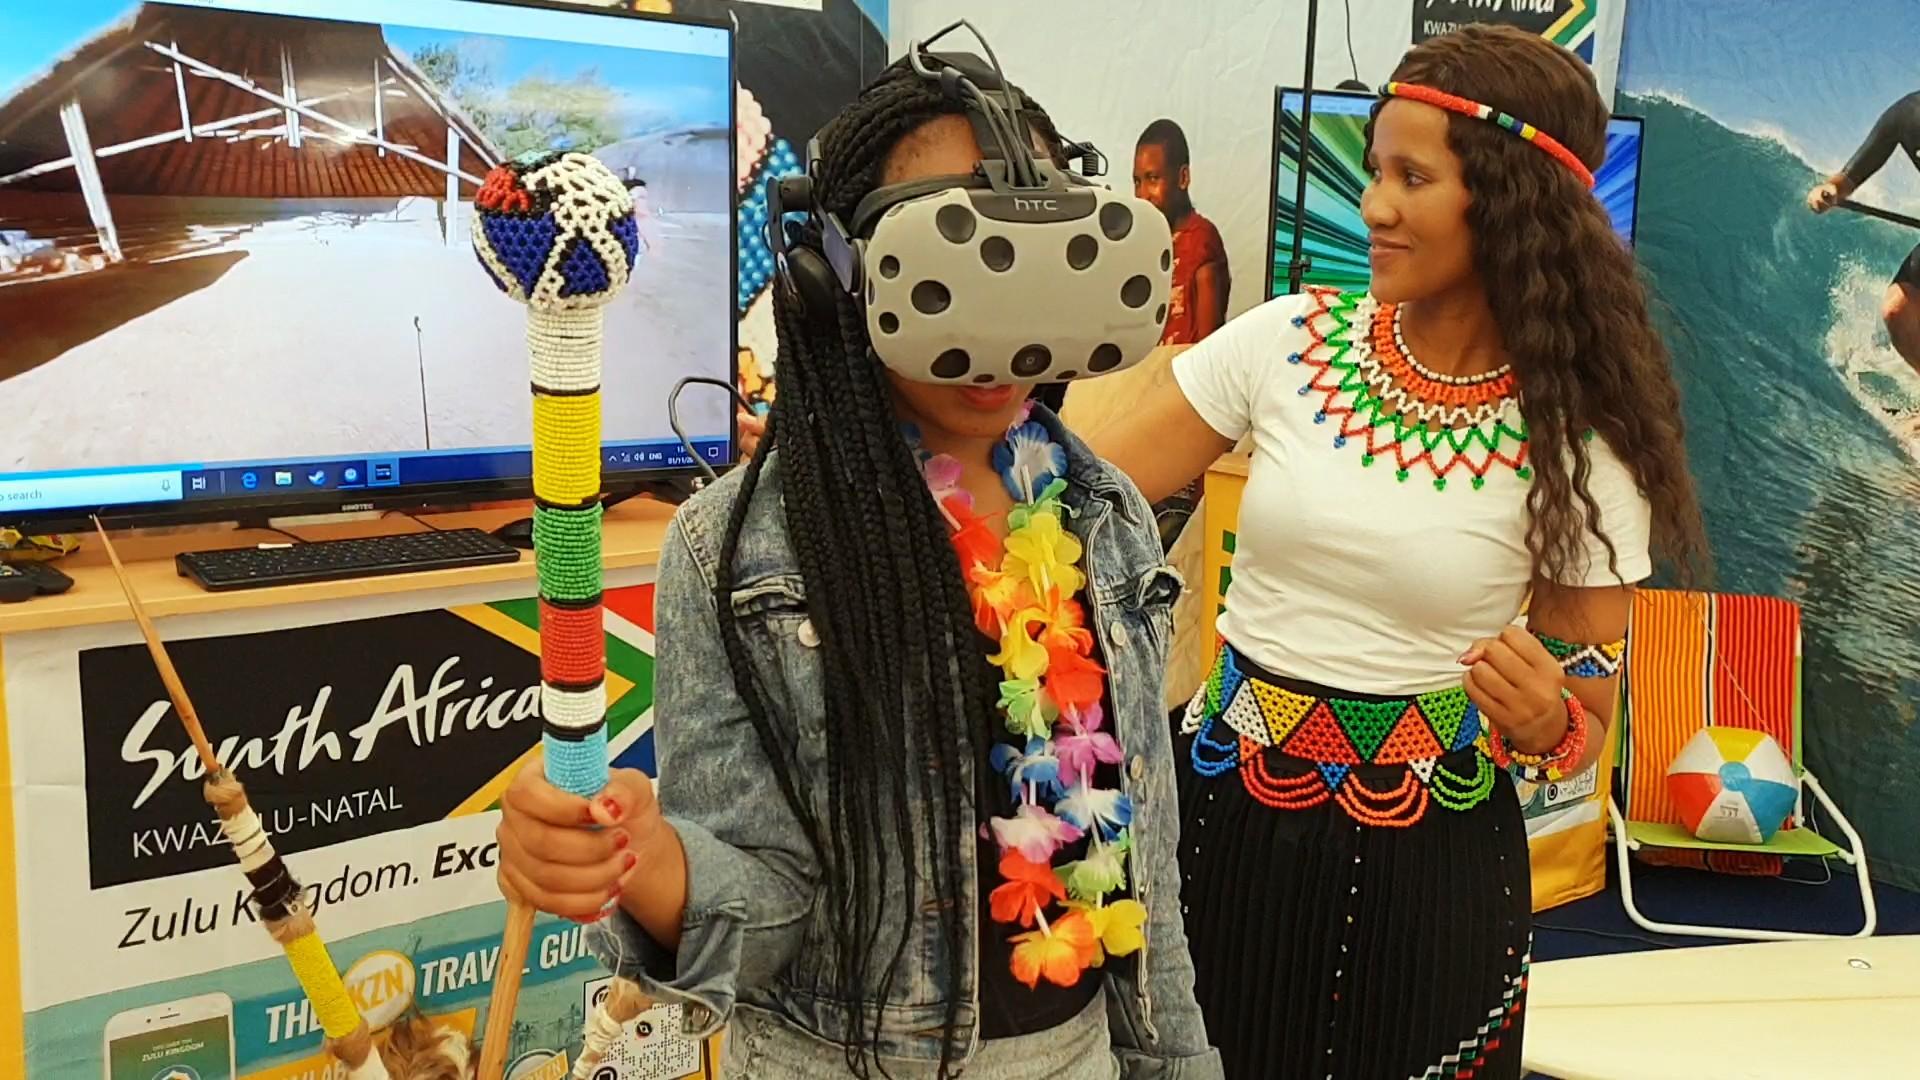 zulu-dancing-virtual-reality-experience